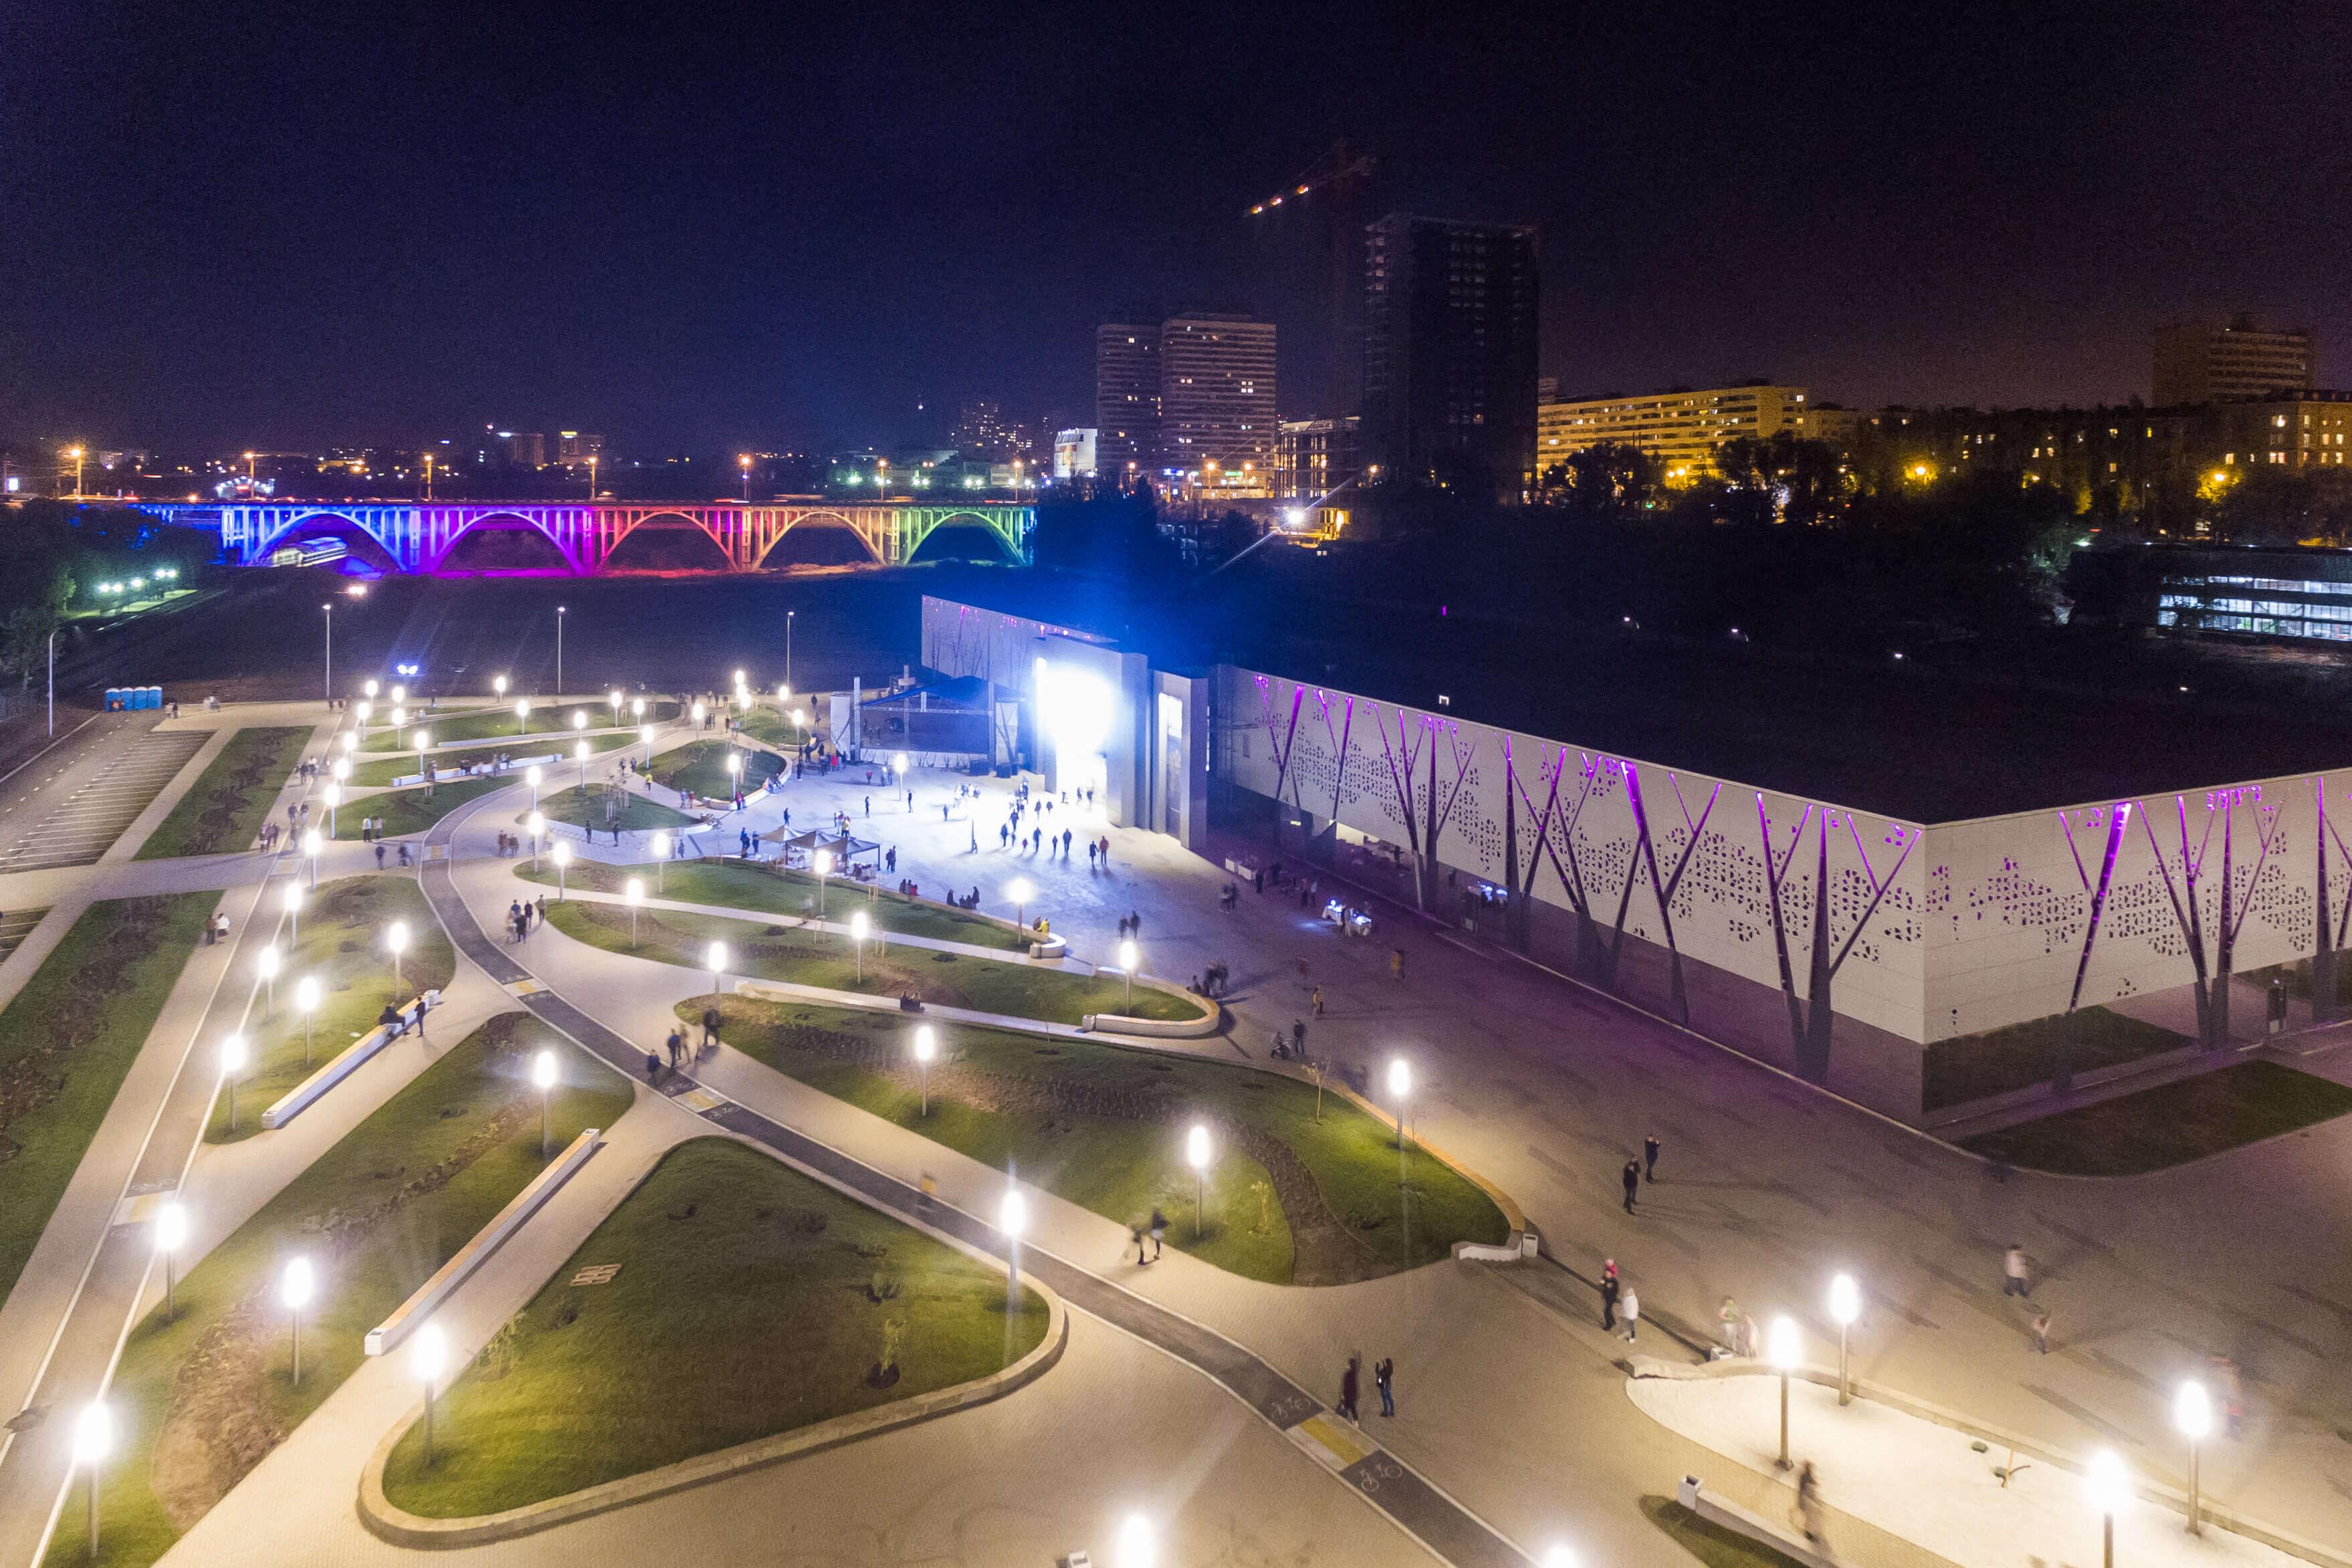 Территория раздолье - царицынский парк, интерактивный музей